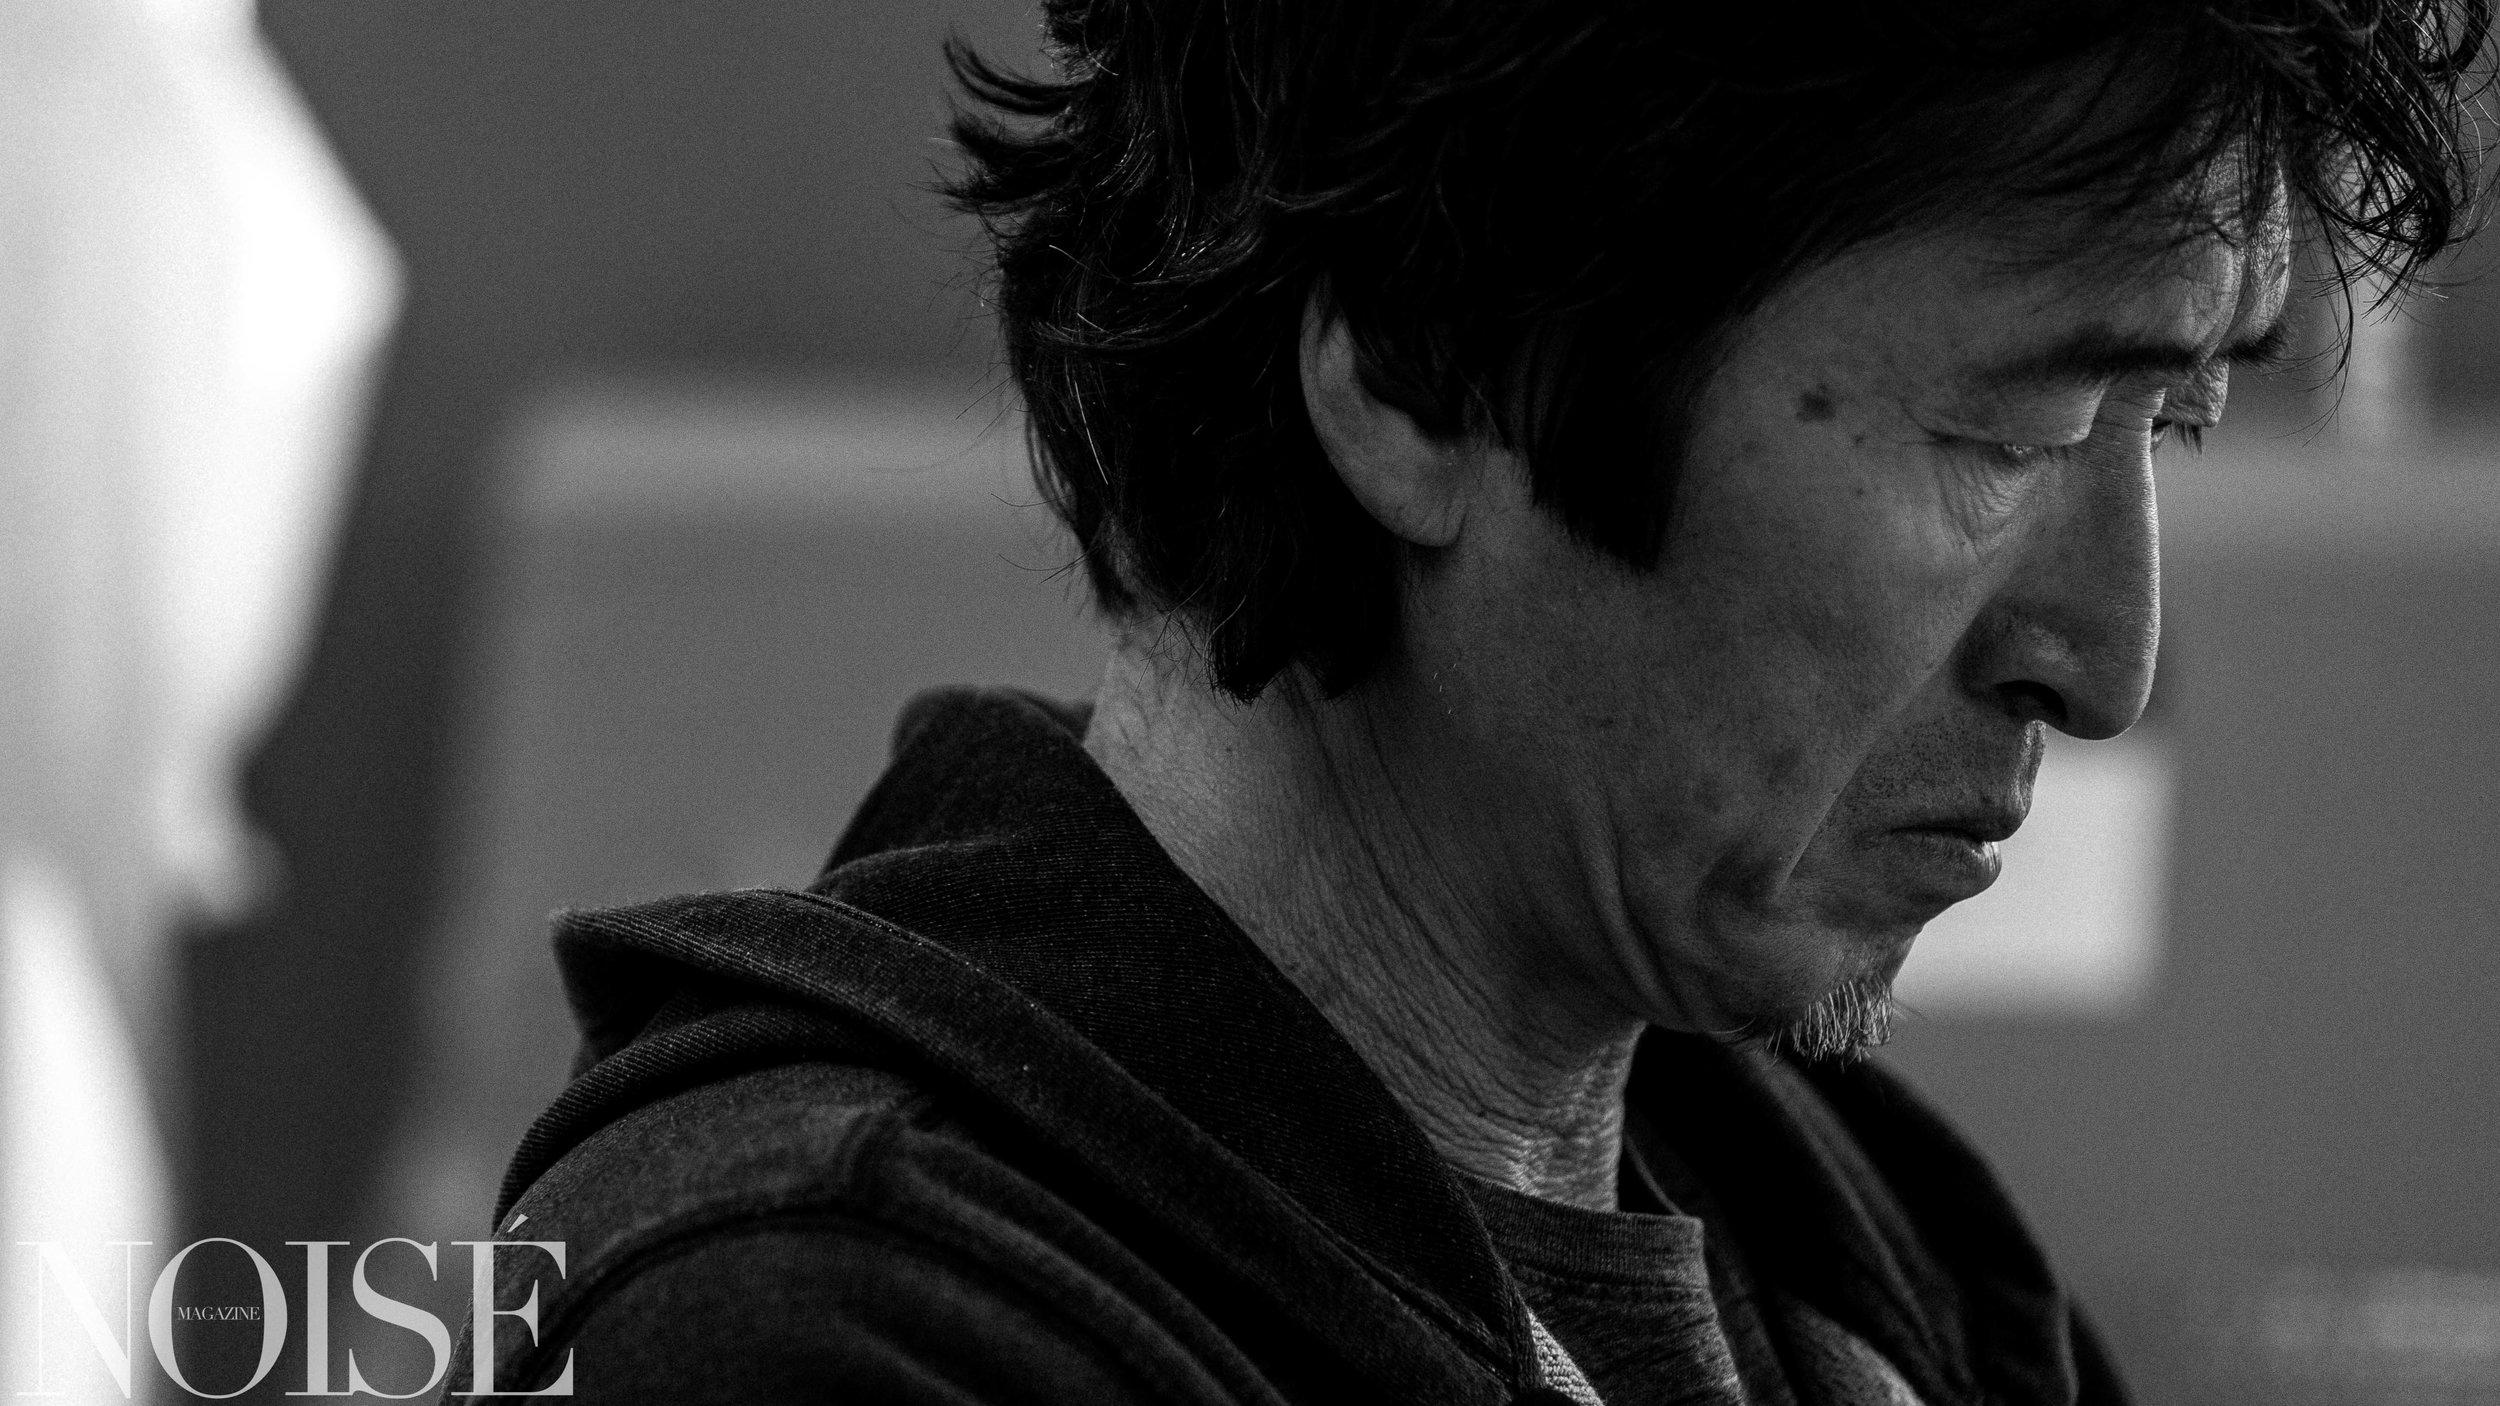 韦佳 ,1957年5月出生,北京人,画家,现生活创作与纽约与北京两地。1984年毕业于中央美术学院油画系,1985年任教于中央戏剧学院舞台美术系,1987年美国宾州布鲁姆斯堡大学美术系研究生,获硕士学位。韦佳在国际范围内广泛举行个展和群展,并被列入华裔艺术家名人录。